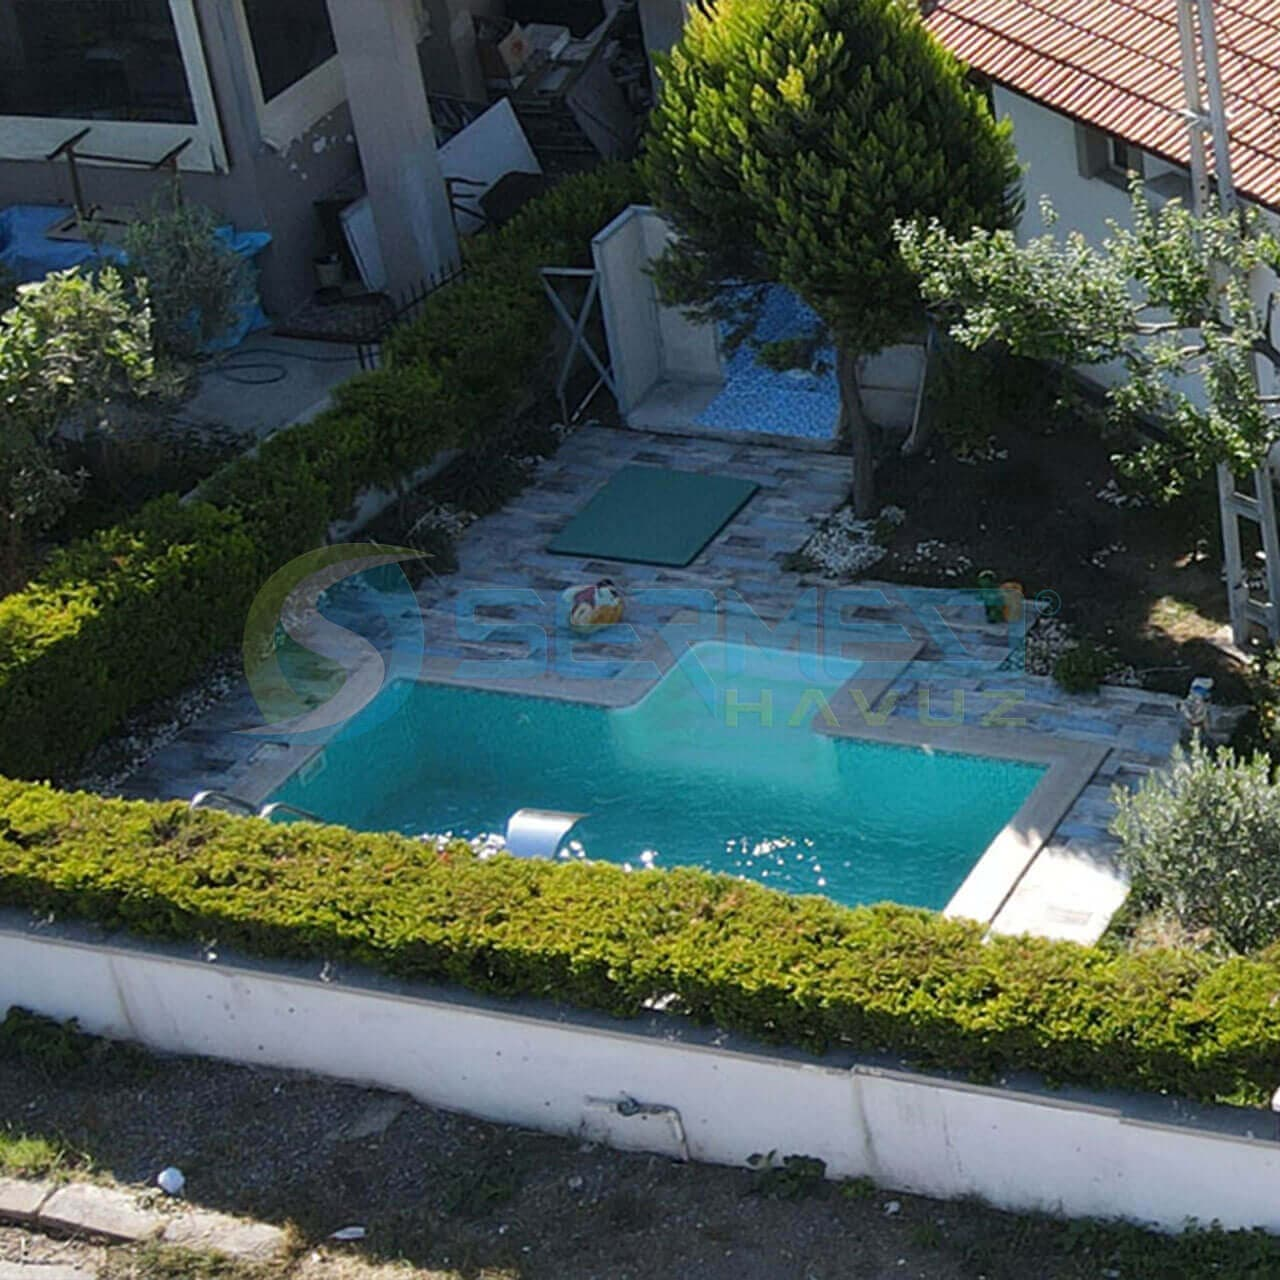 İzmir Fipool Kids Club (Çocuk) Panel Havuz Sermed Havuz Firması tarafından yapıldı.